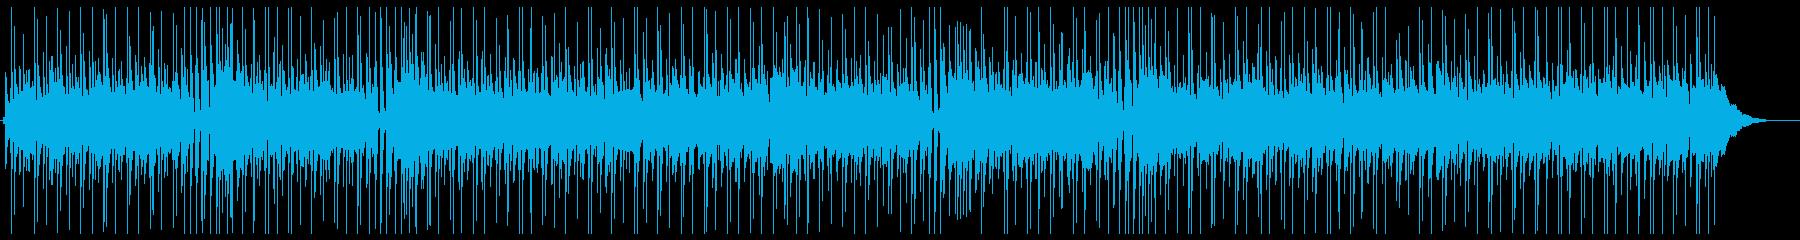 オールディーズ風のアップテンポなナンバーの再生済みの波形